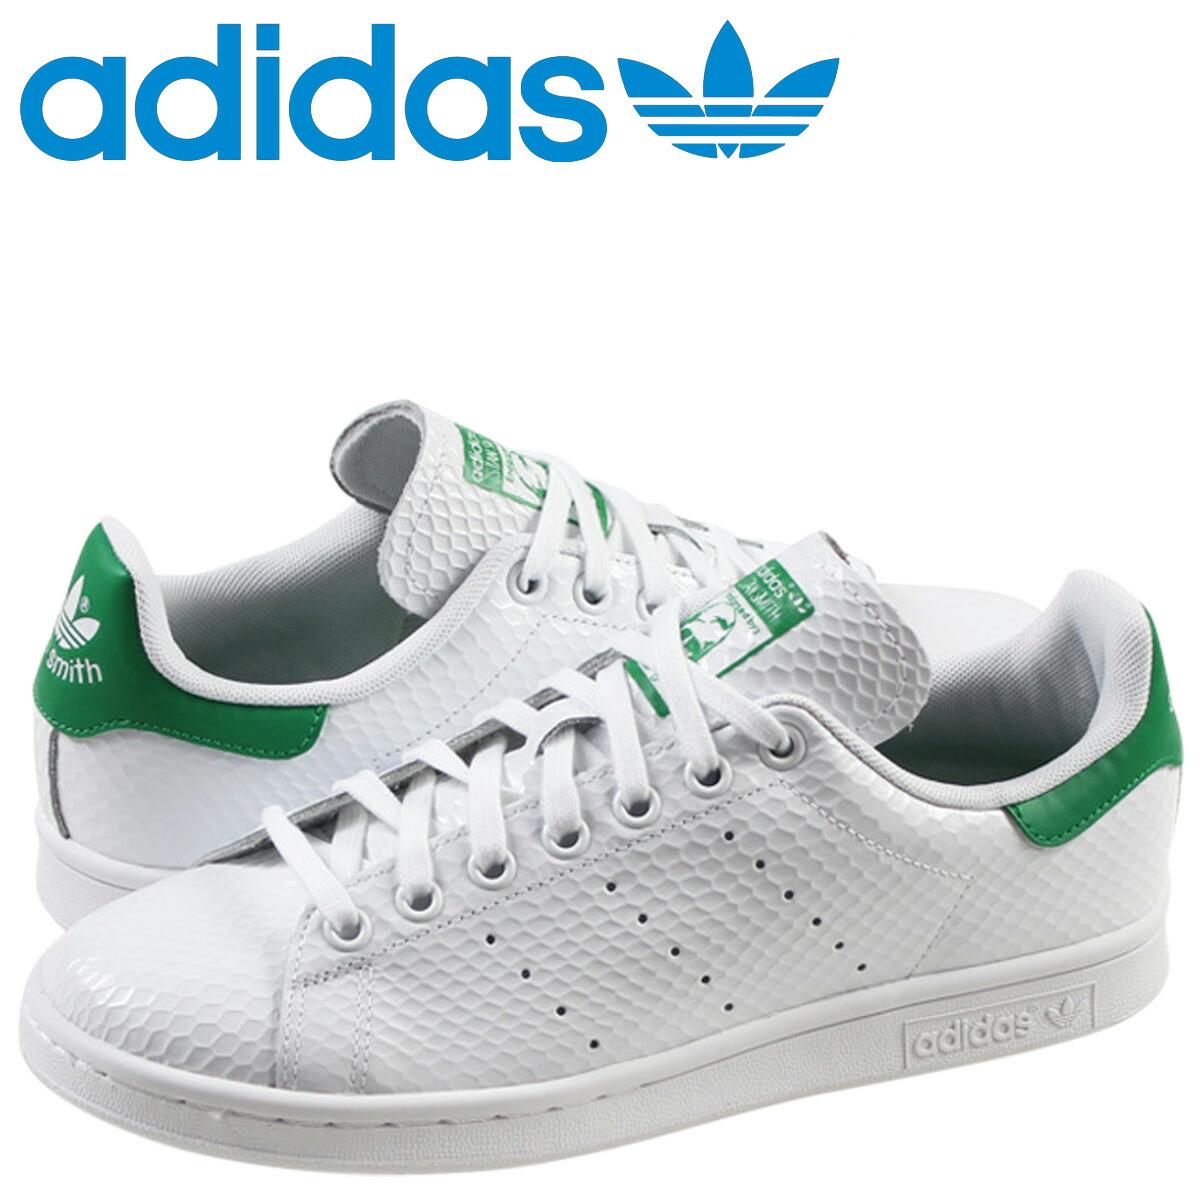 adidas スニーカー グリーン